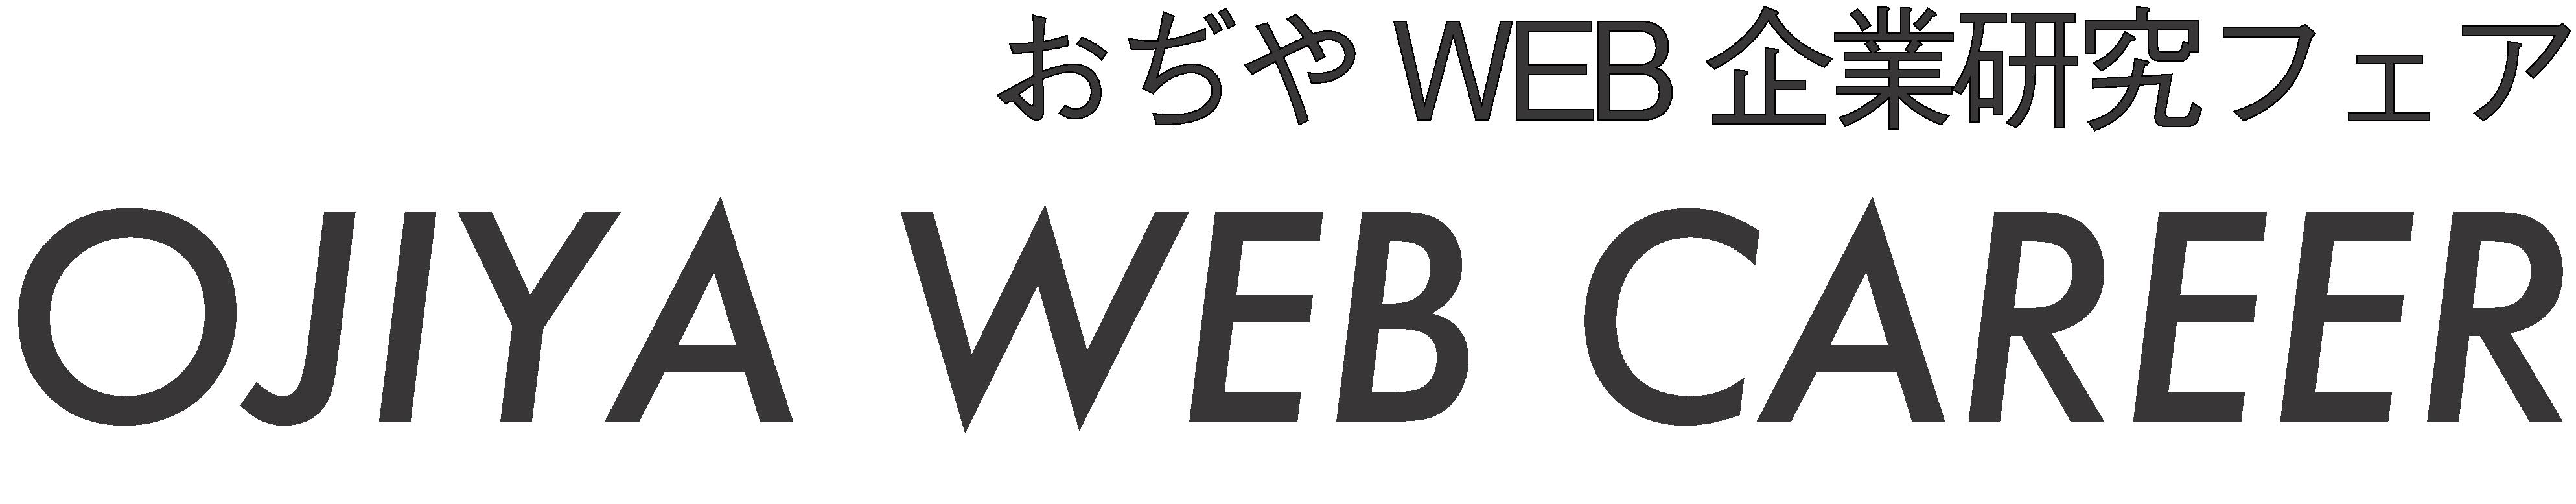 おぢやWEB企業研究フェア